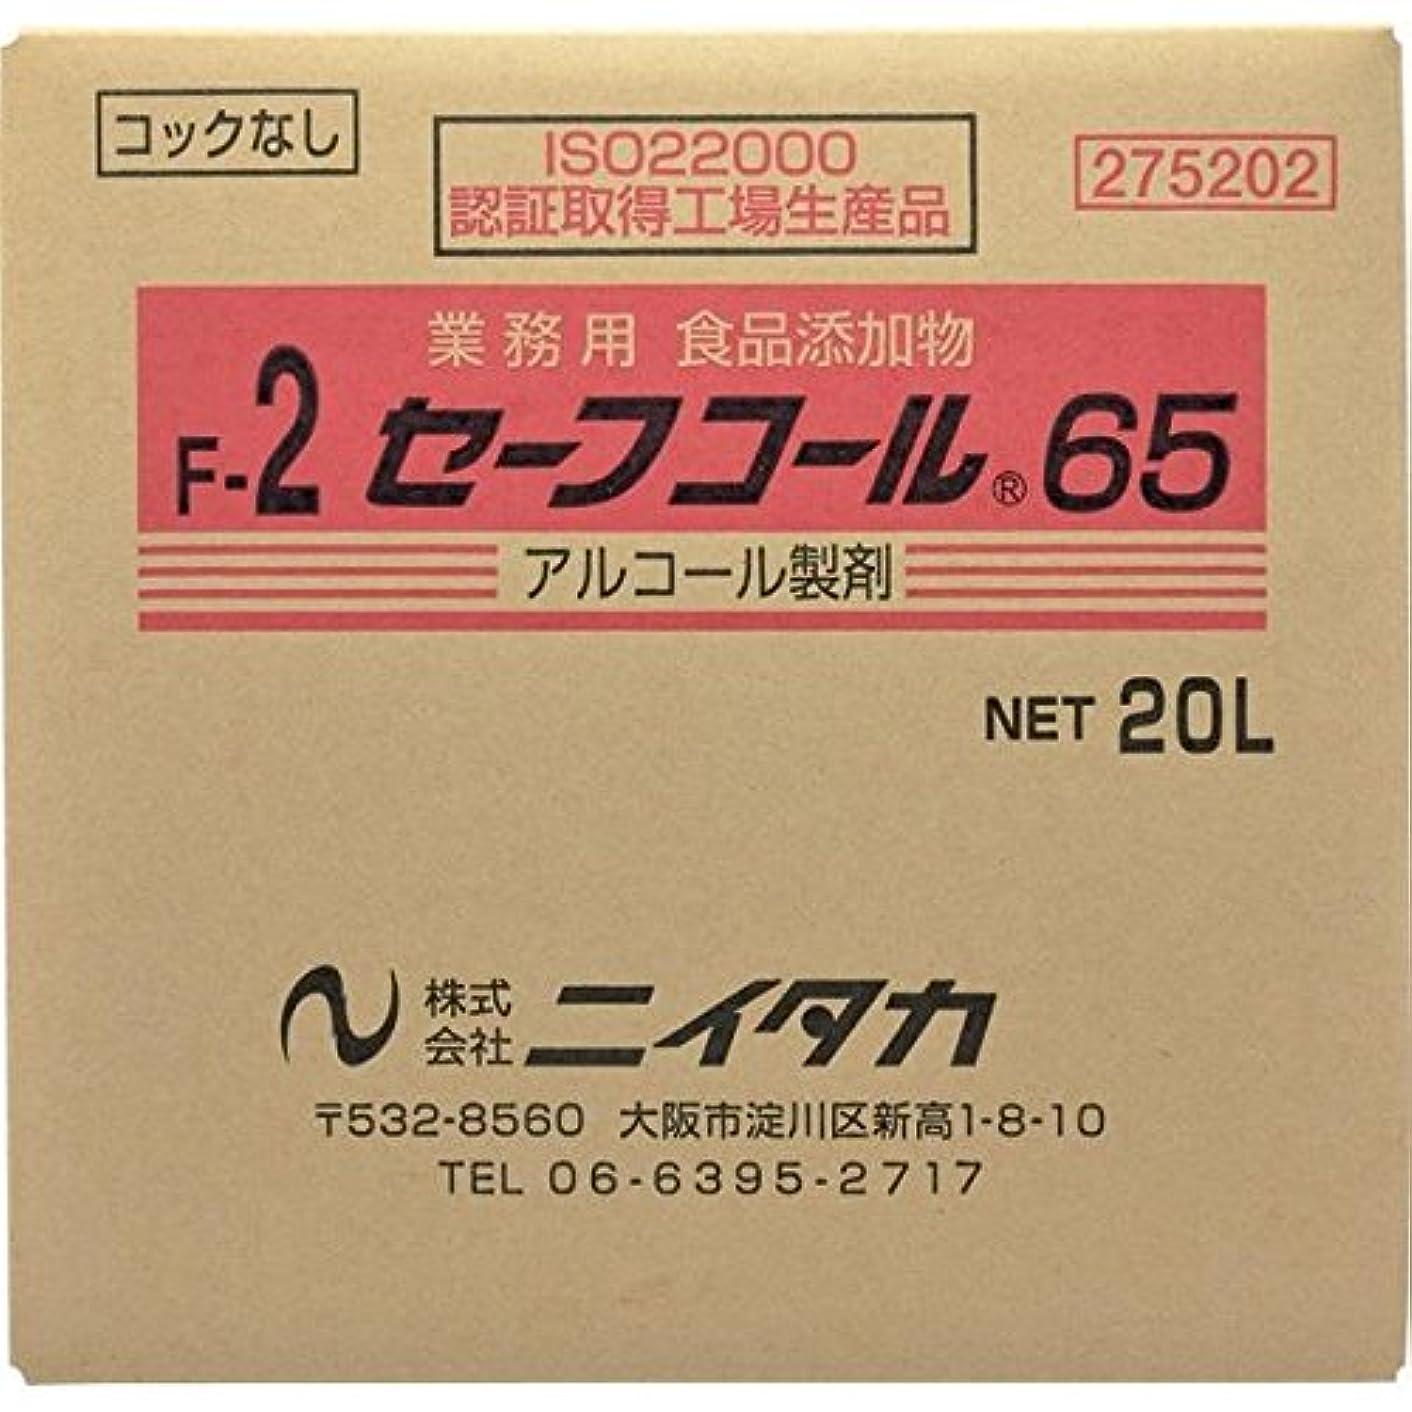 ベリー蚊合併ニイタカ:セーフコール65(F-2) 20L(BIB) 275202